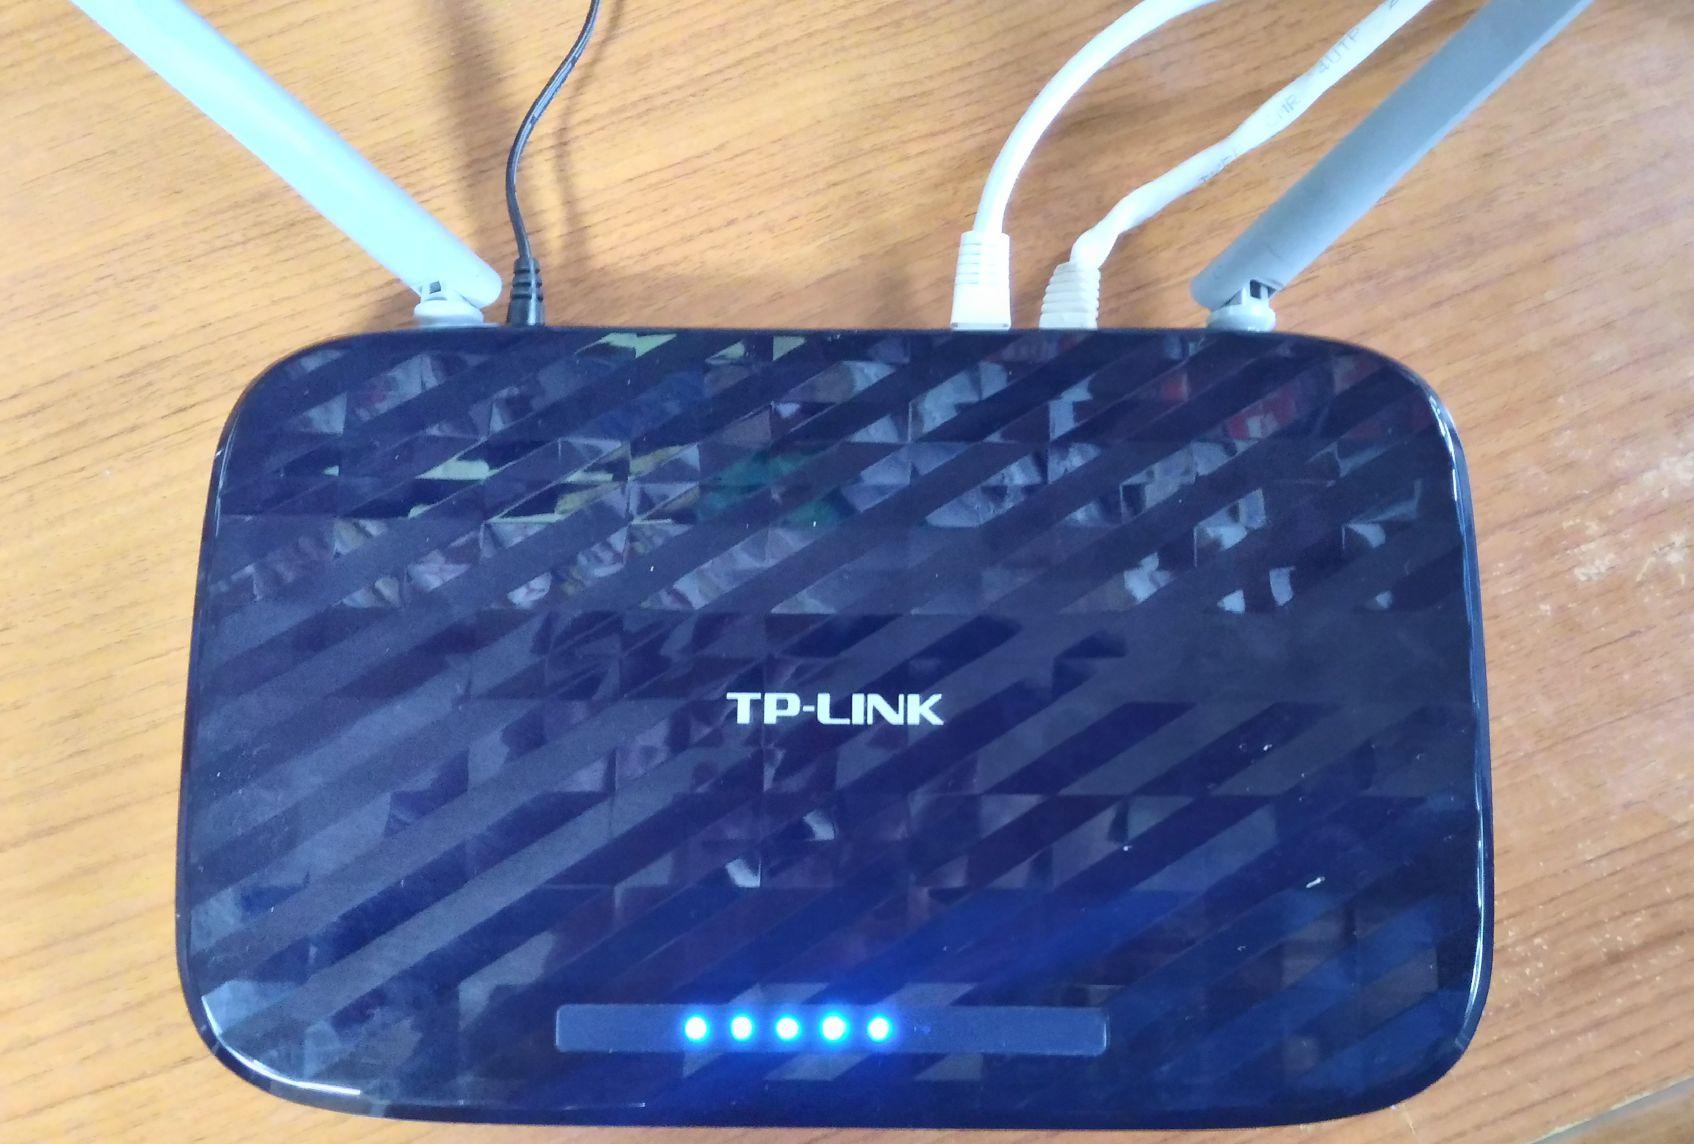 TP-Linkの無線LANルーター Archer C20 起動インジケーター